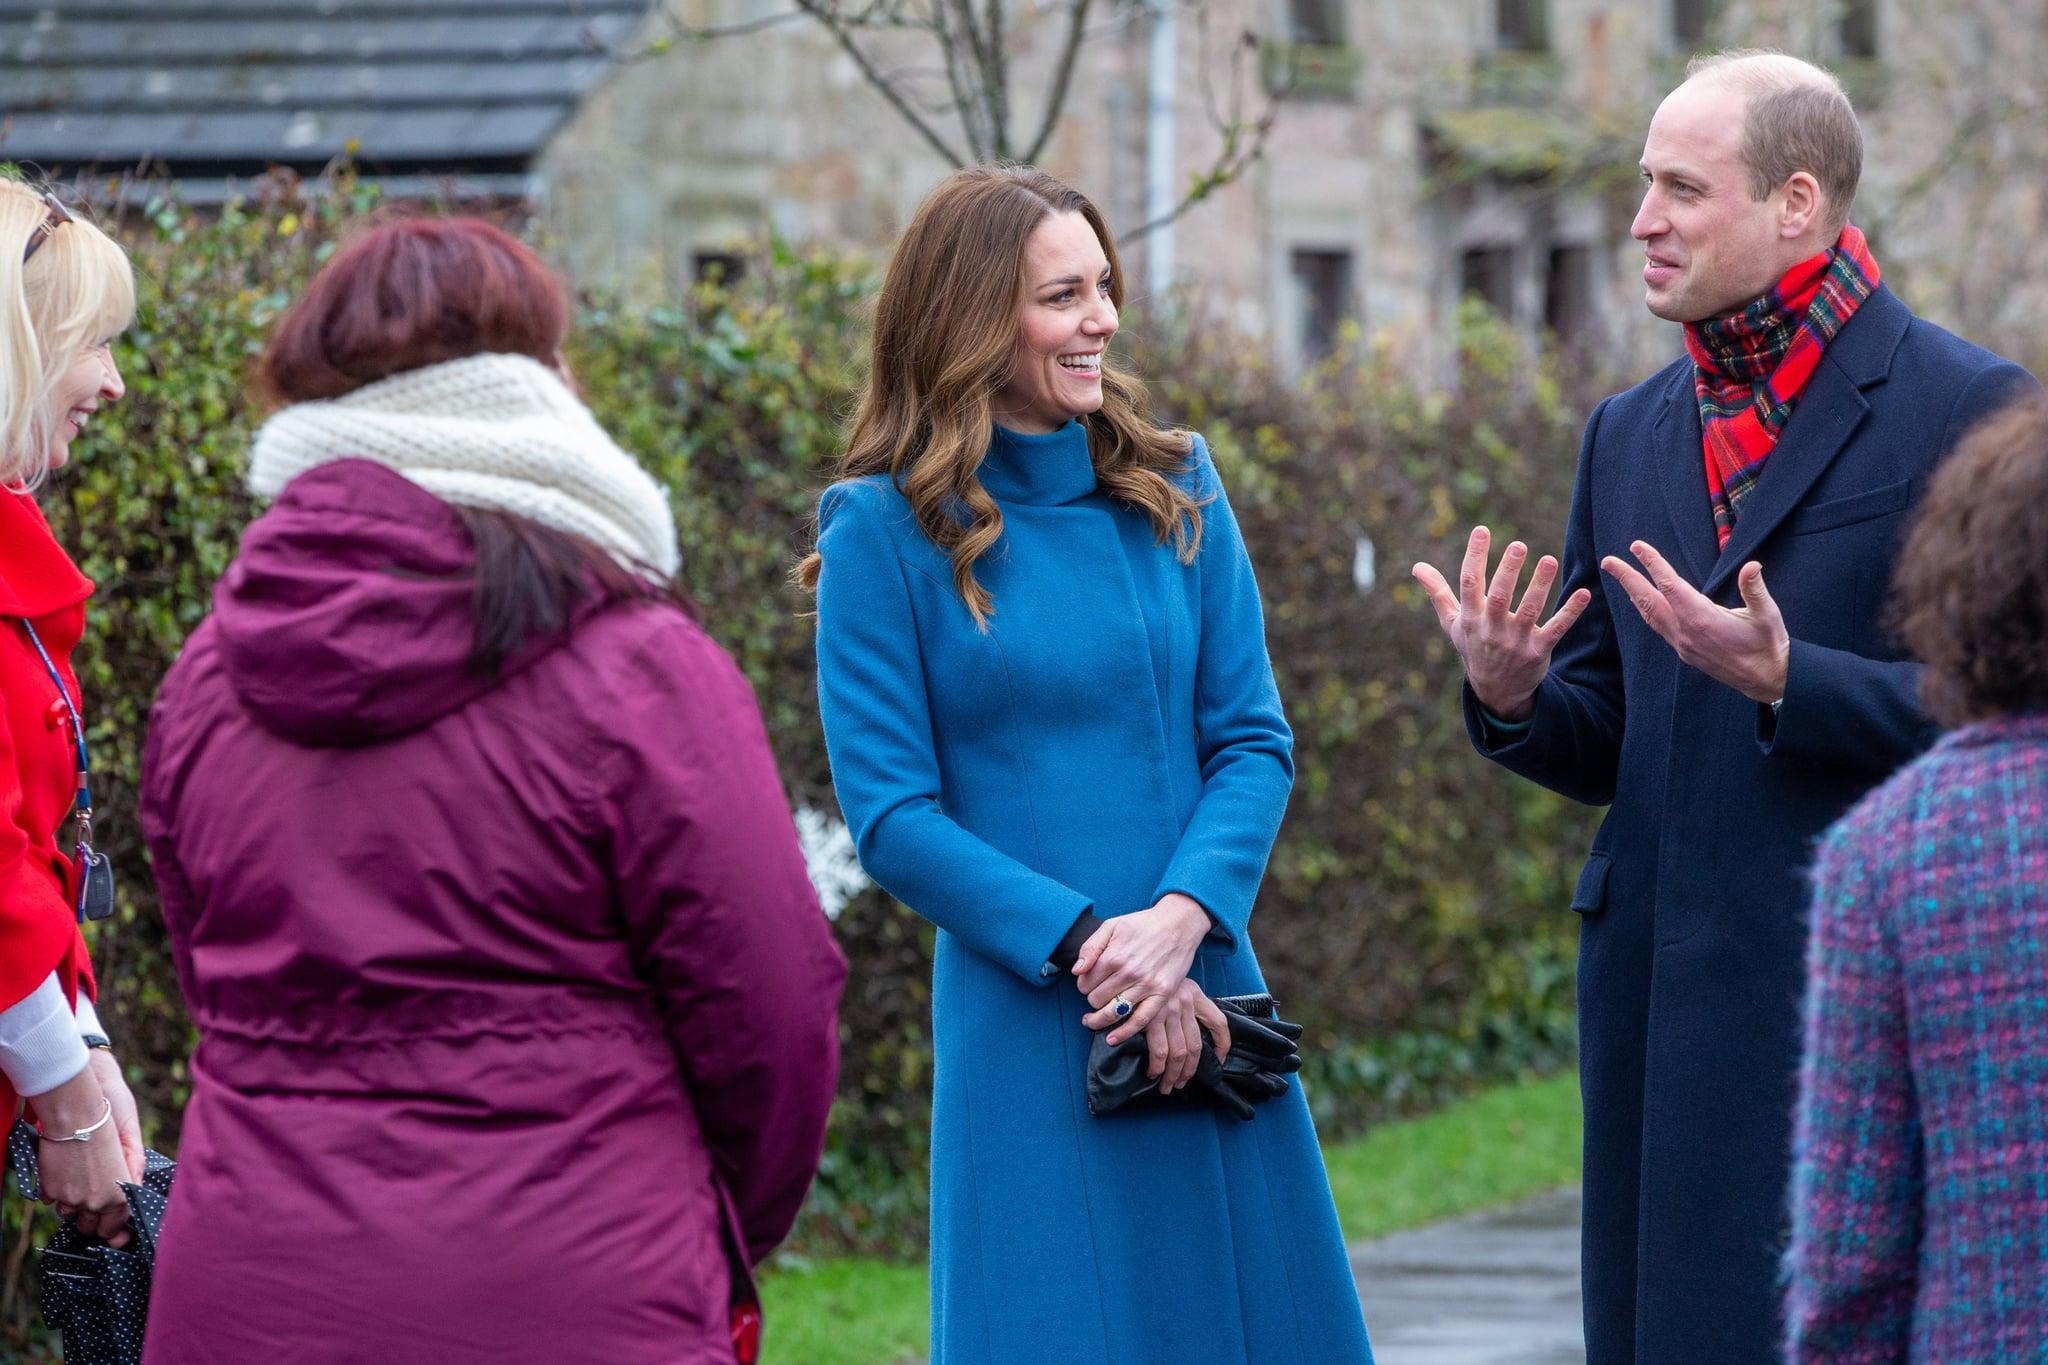 Kate sorri enquanto olha para William que gesticula ao ar livre. Eles ainda estão com as roupas dos compromissos na Escócia. Há três professoras de costas.